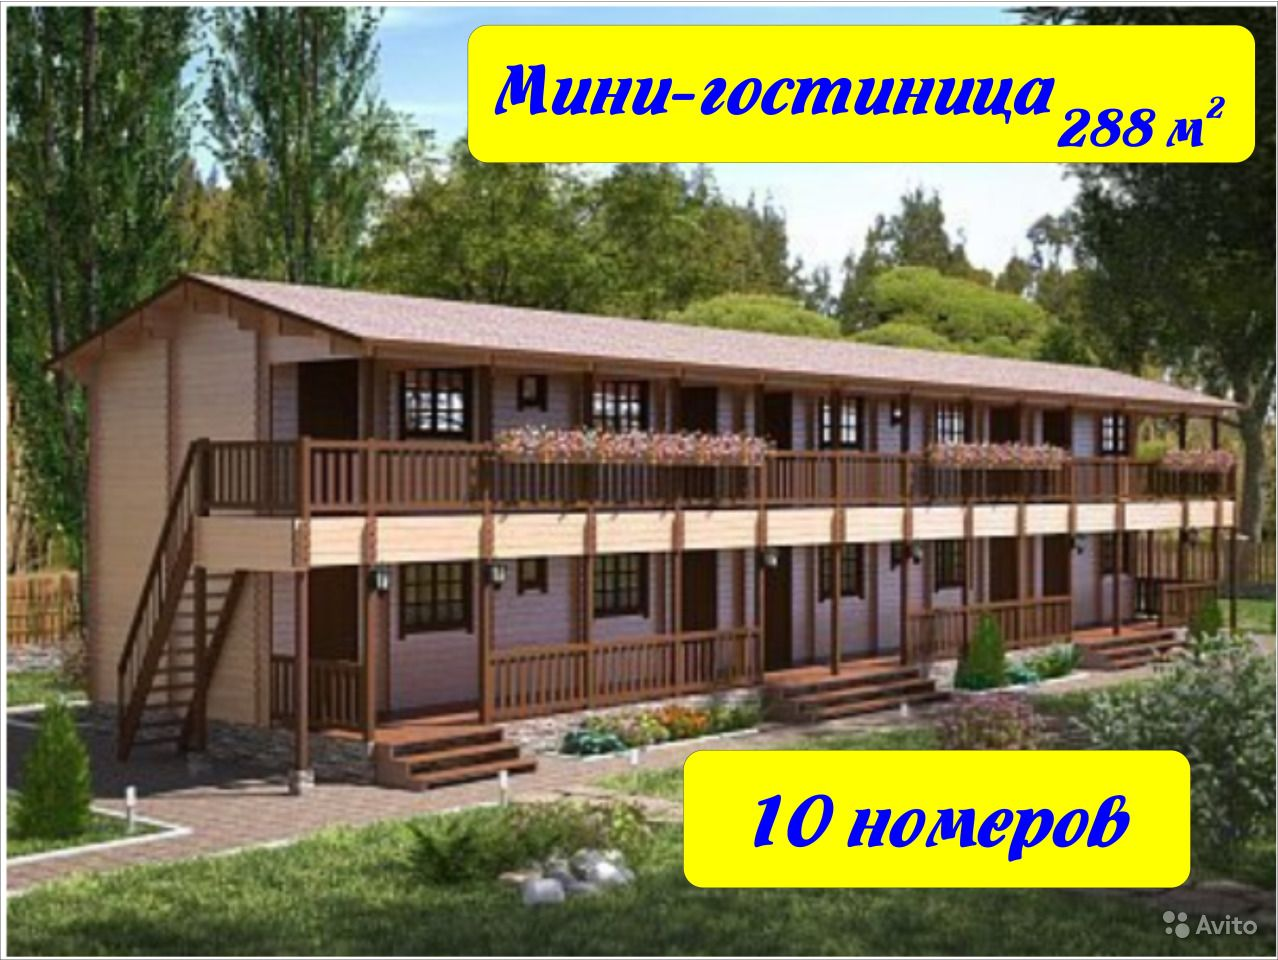 Гостевые дома с окупаемостью до года. Крым, Севастополь